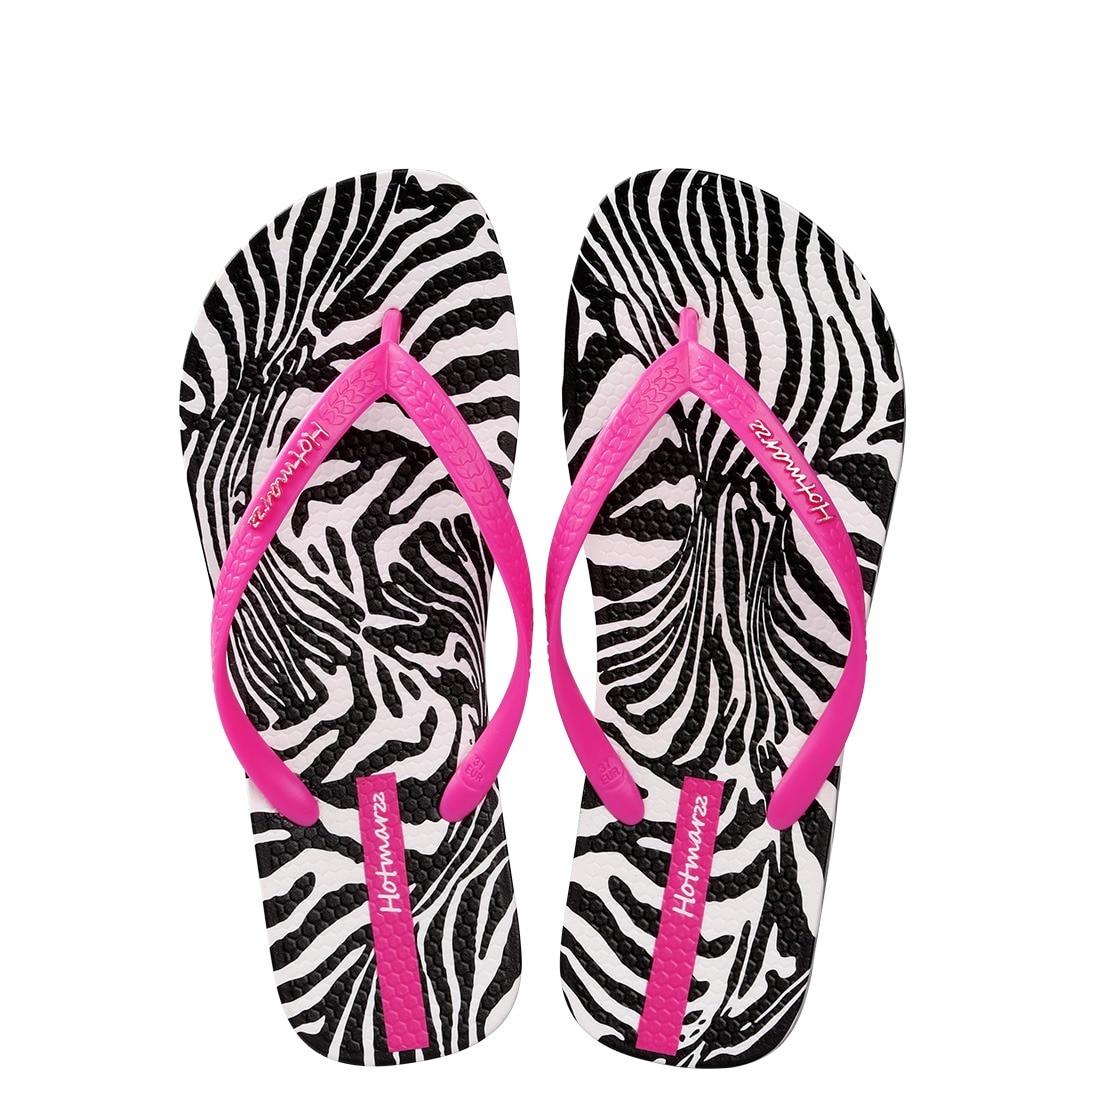 Cebra Mujeres De Flops Flip Zapatillas Estampado Hotmarzz Playa bgyvY6f7